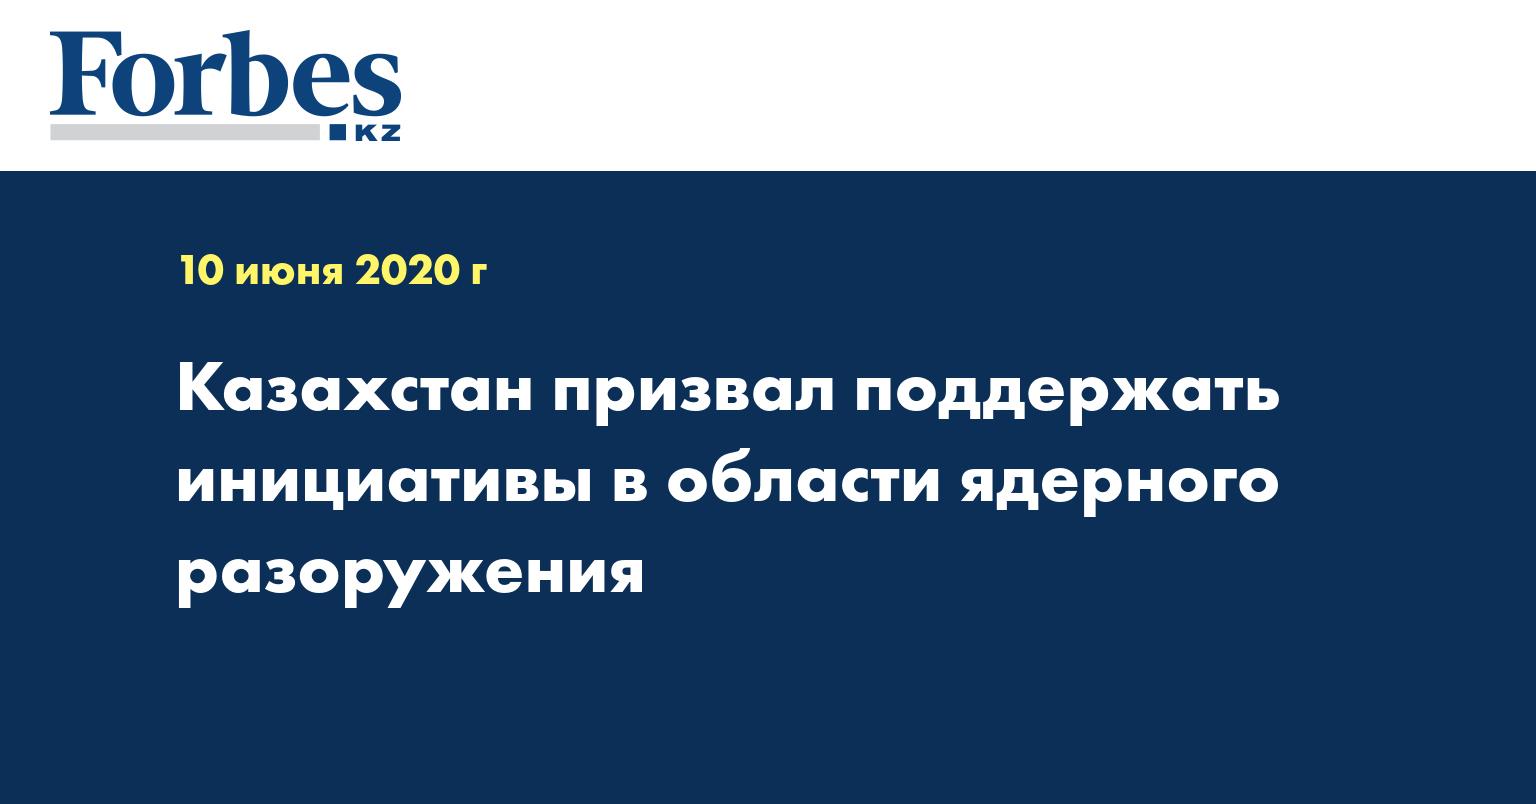 Казахстан призвал поддержать инициативы в области ядерного разоружения